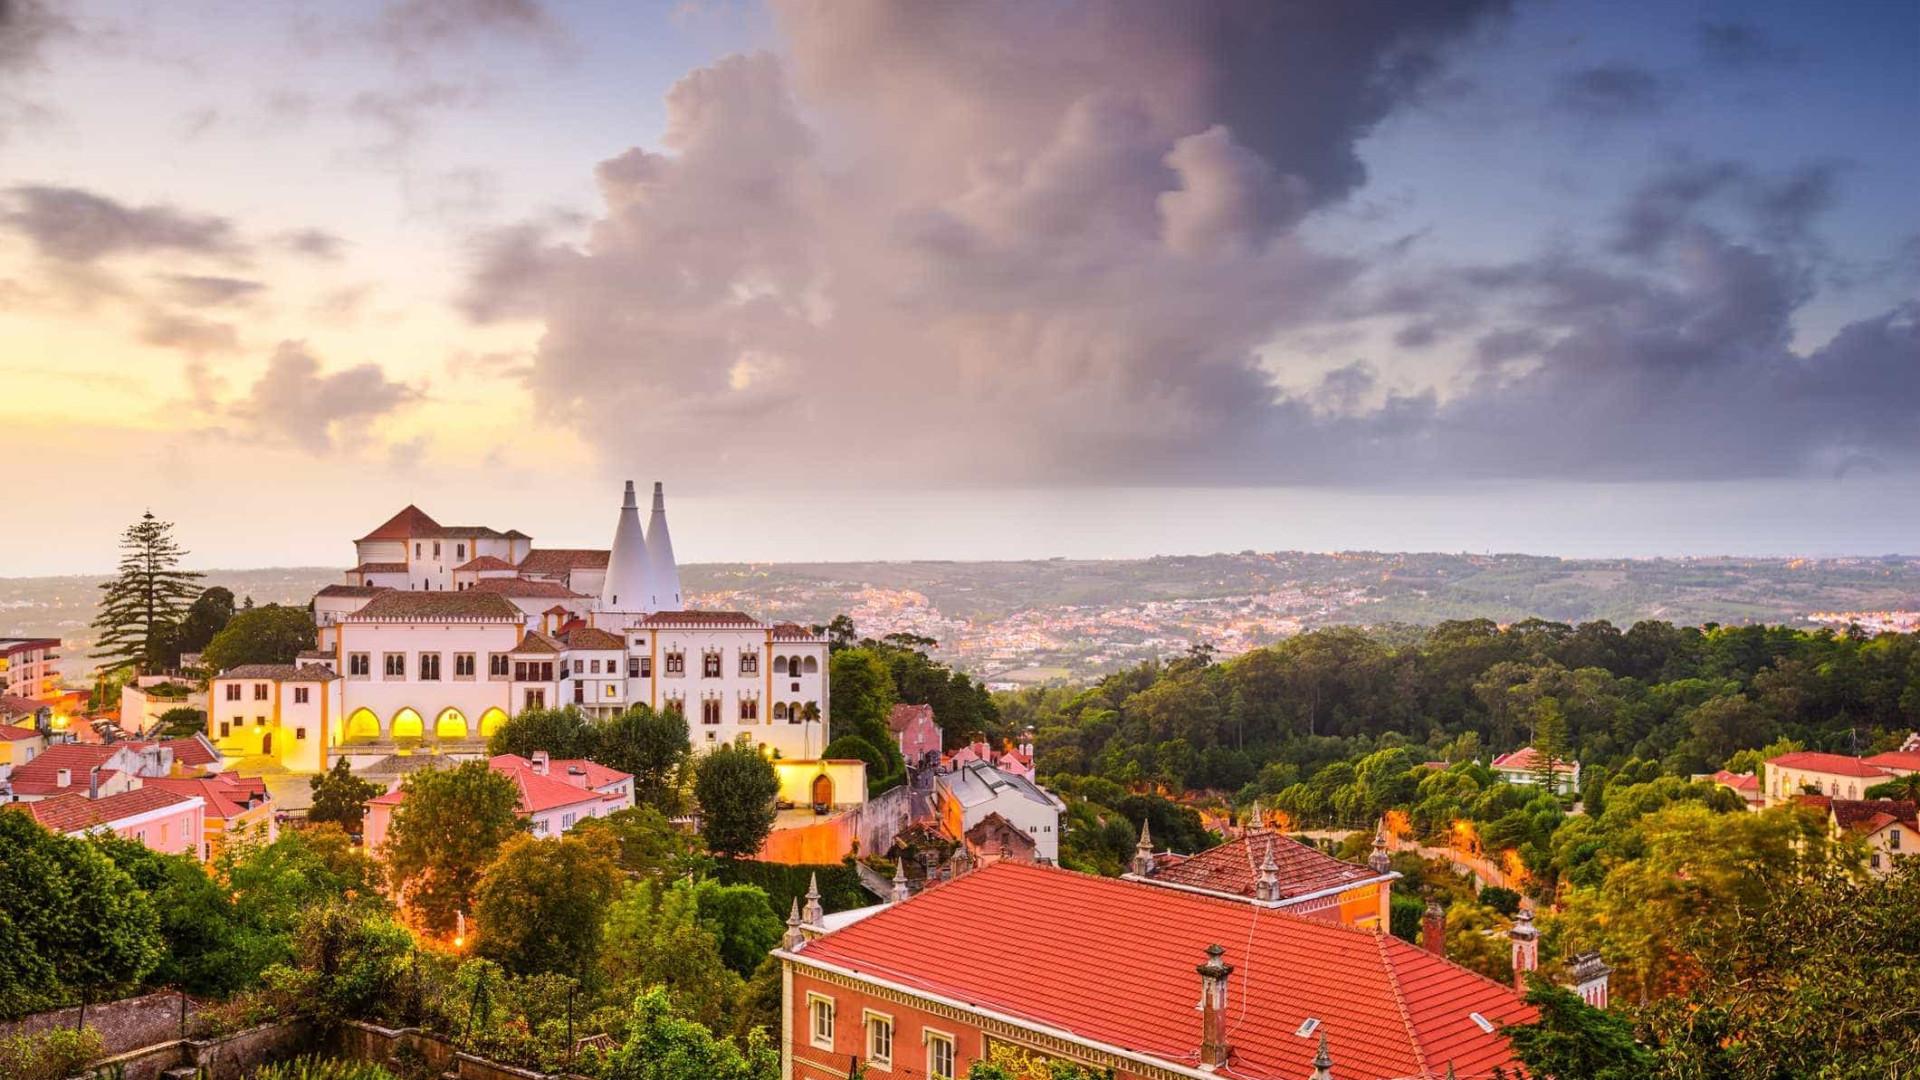 Novas oficinas municipais libertam espaço para urbanização em Sintra